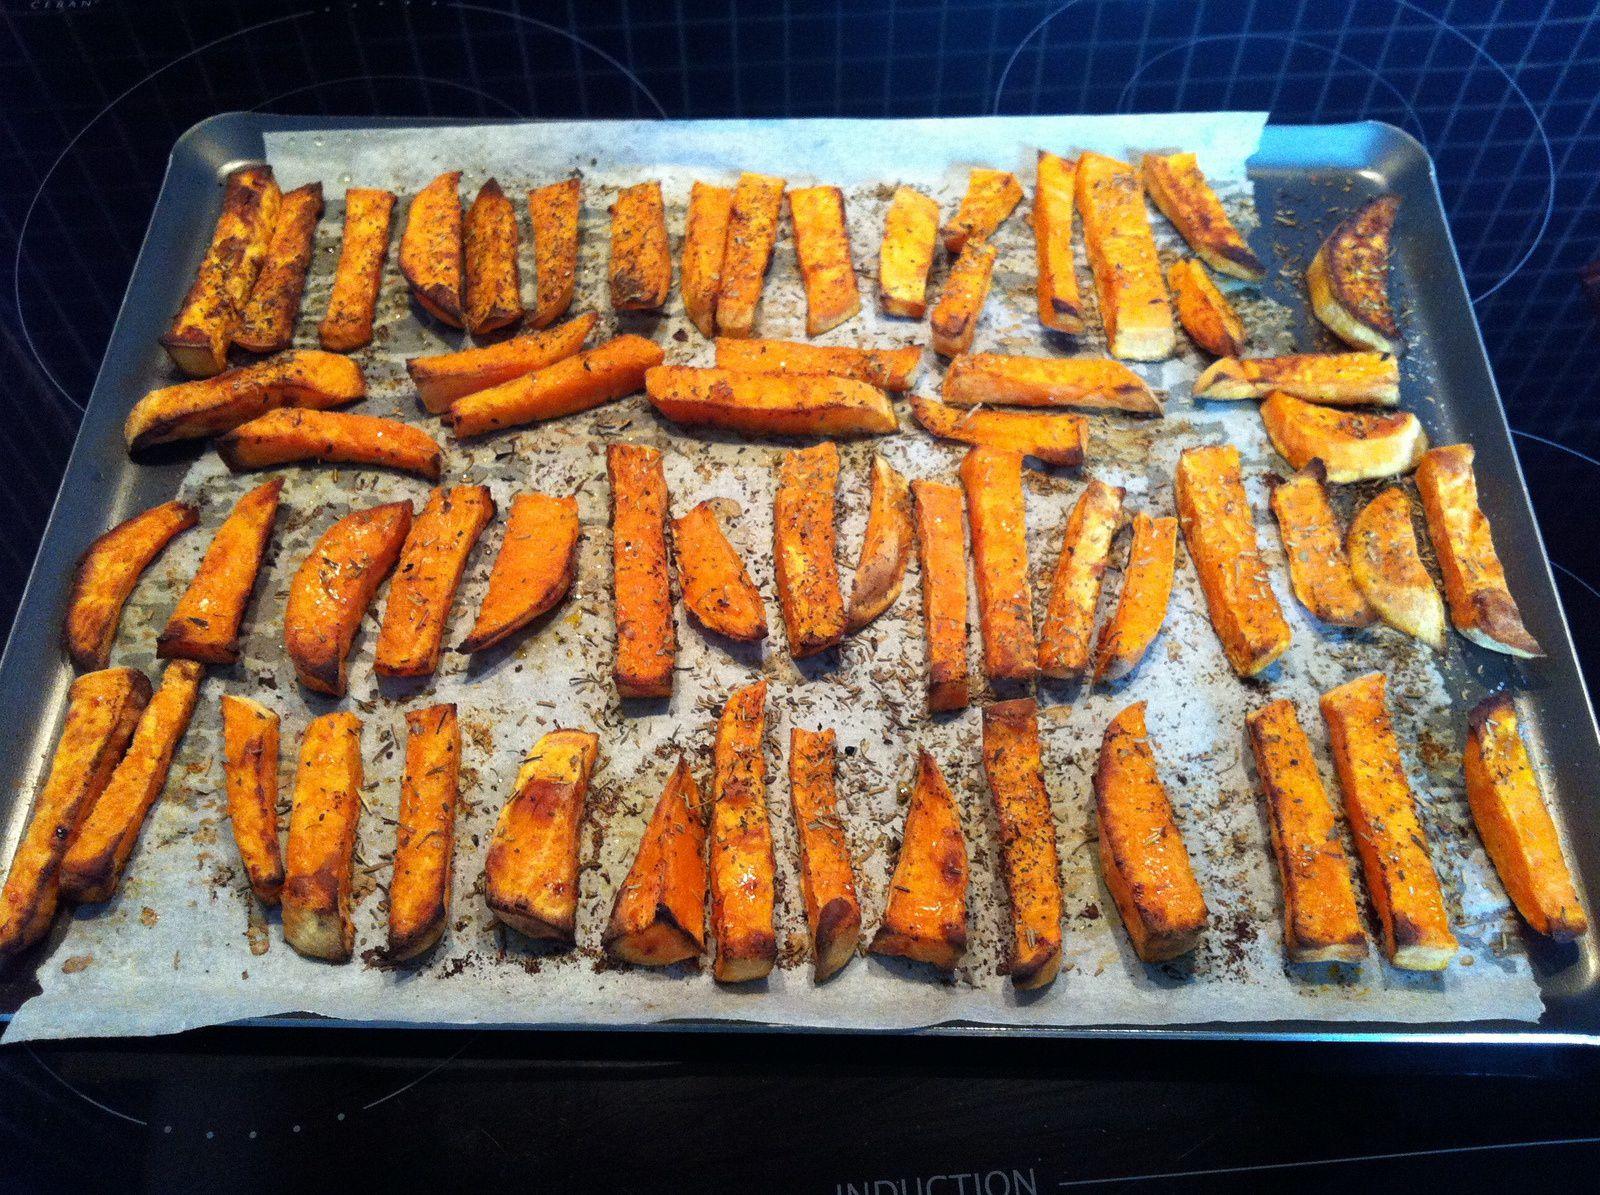 frites de patate douce au four - sans gluten - cuisiner sans gluten